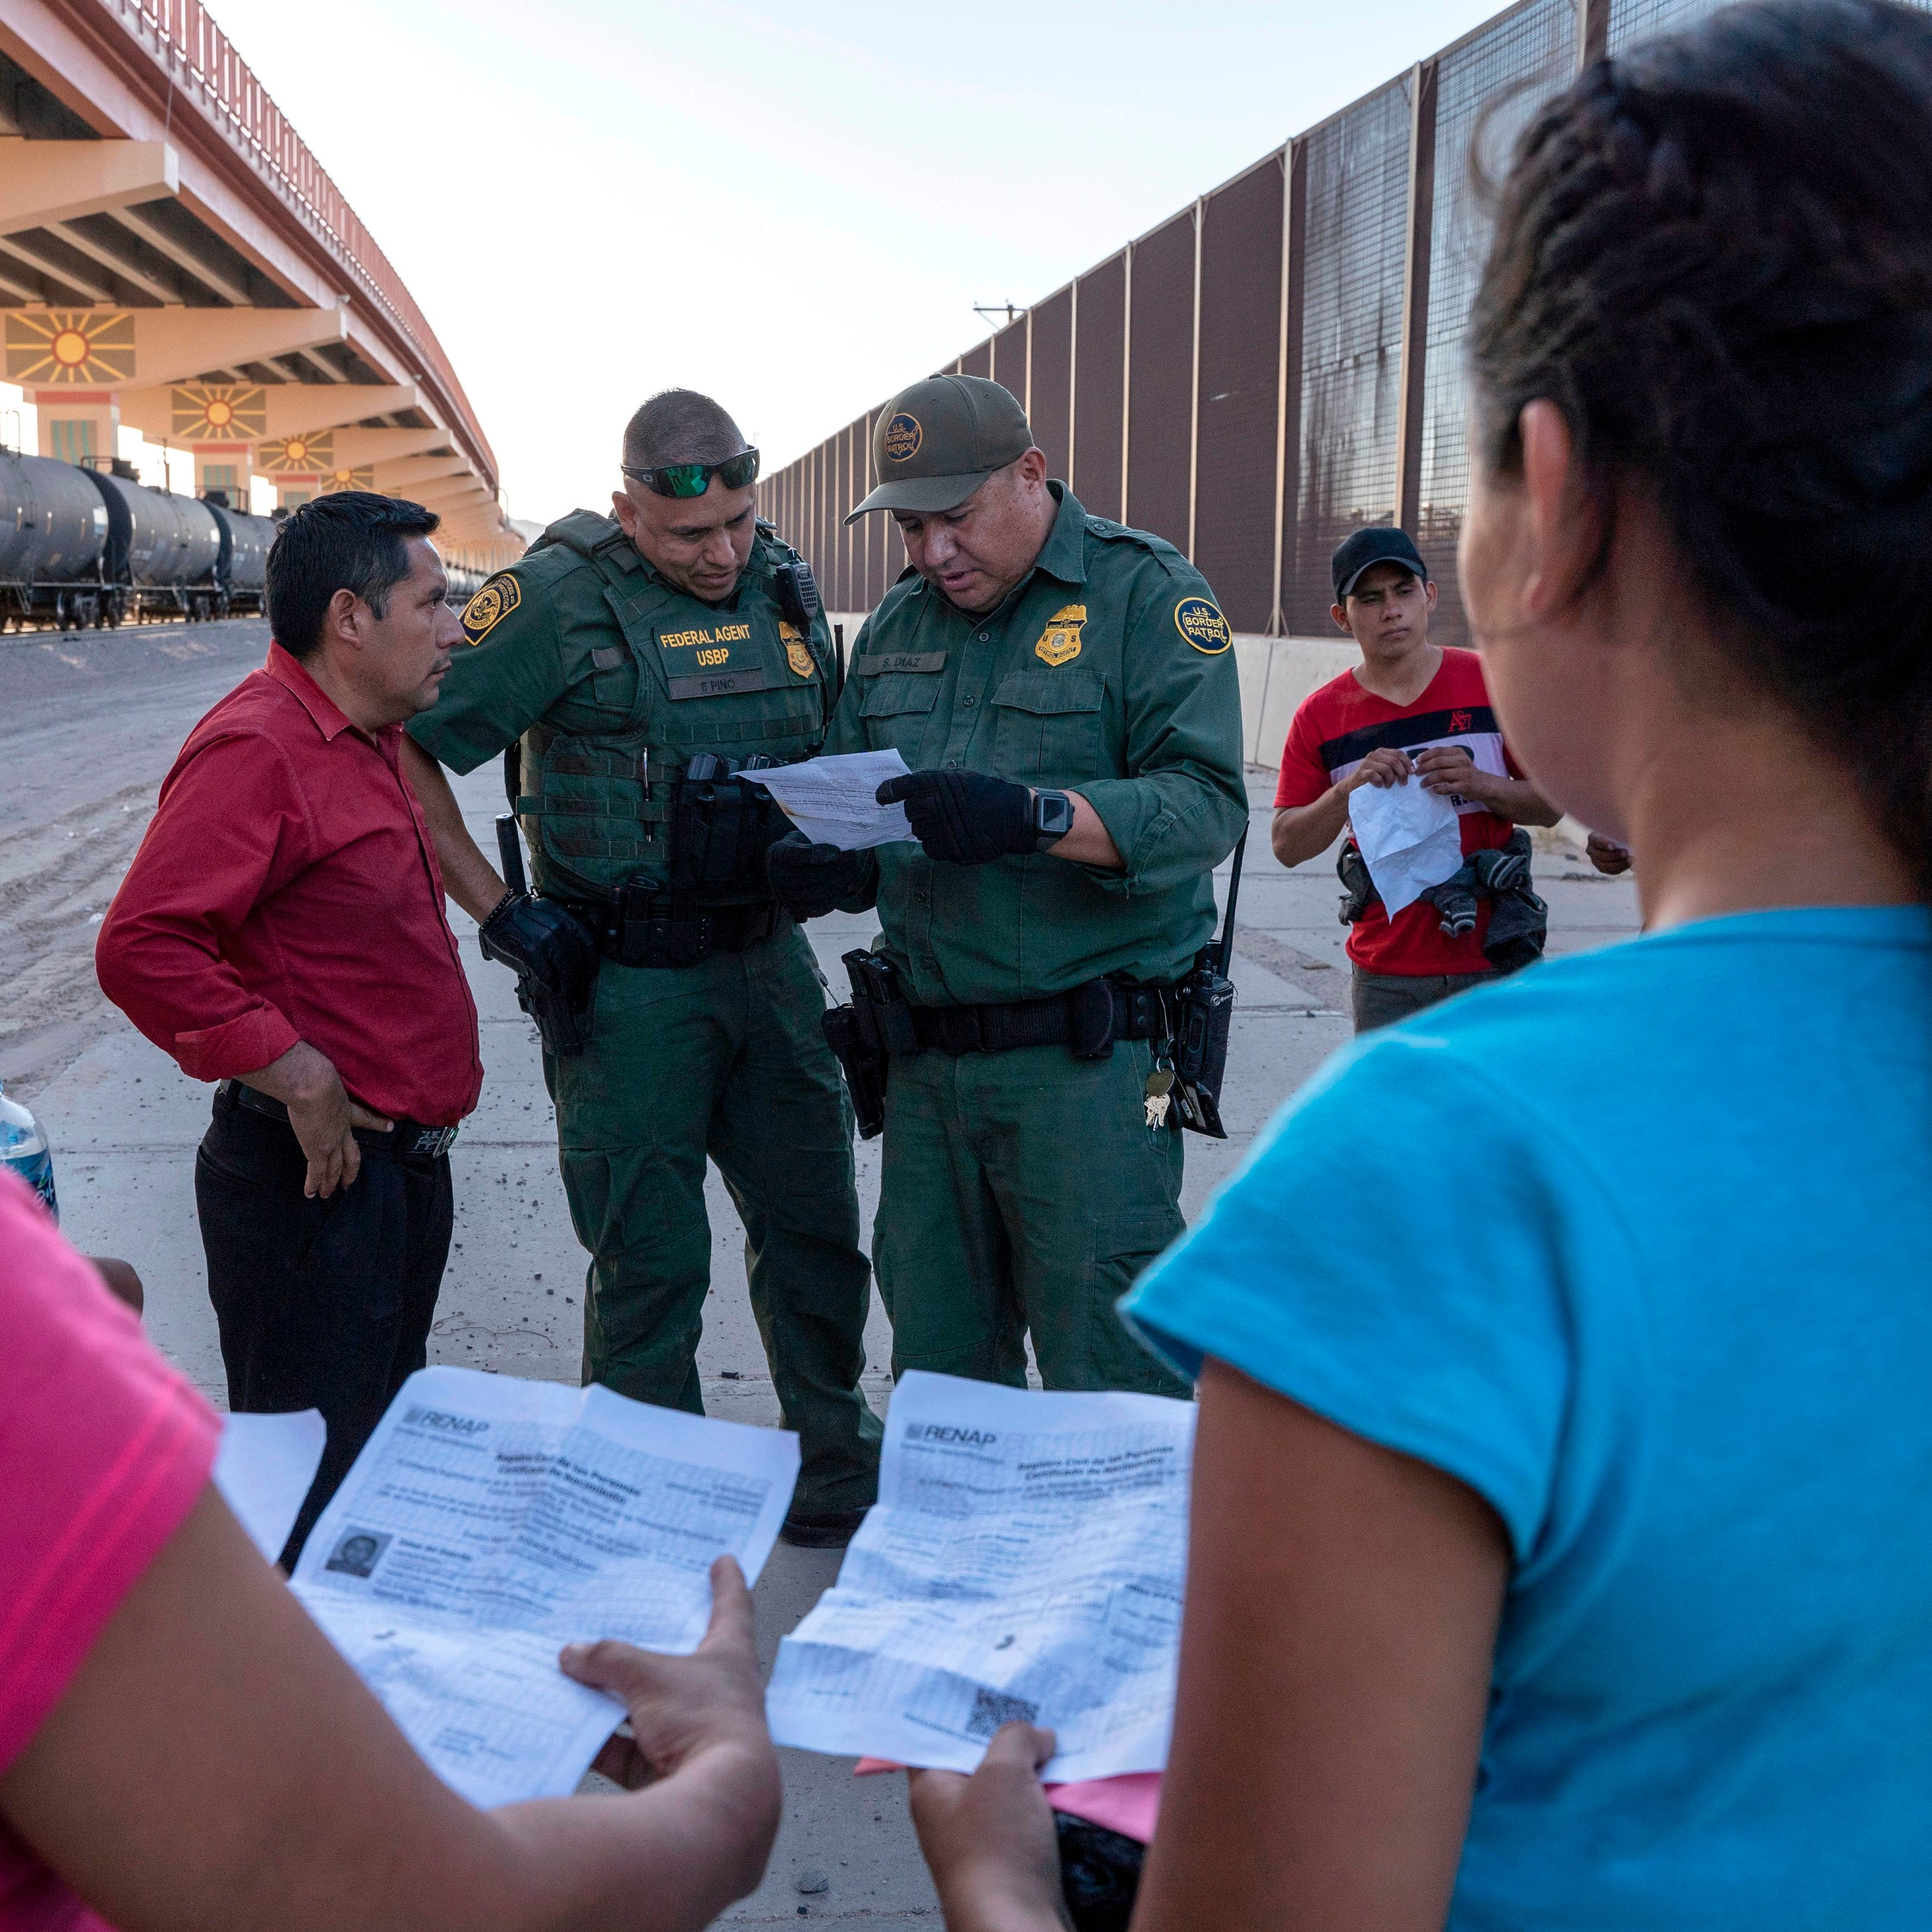 Lejos de la frontera, ciudades de EEUU lidian con migrantes